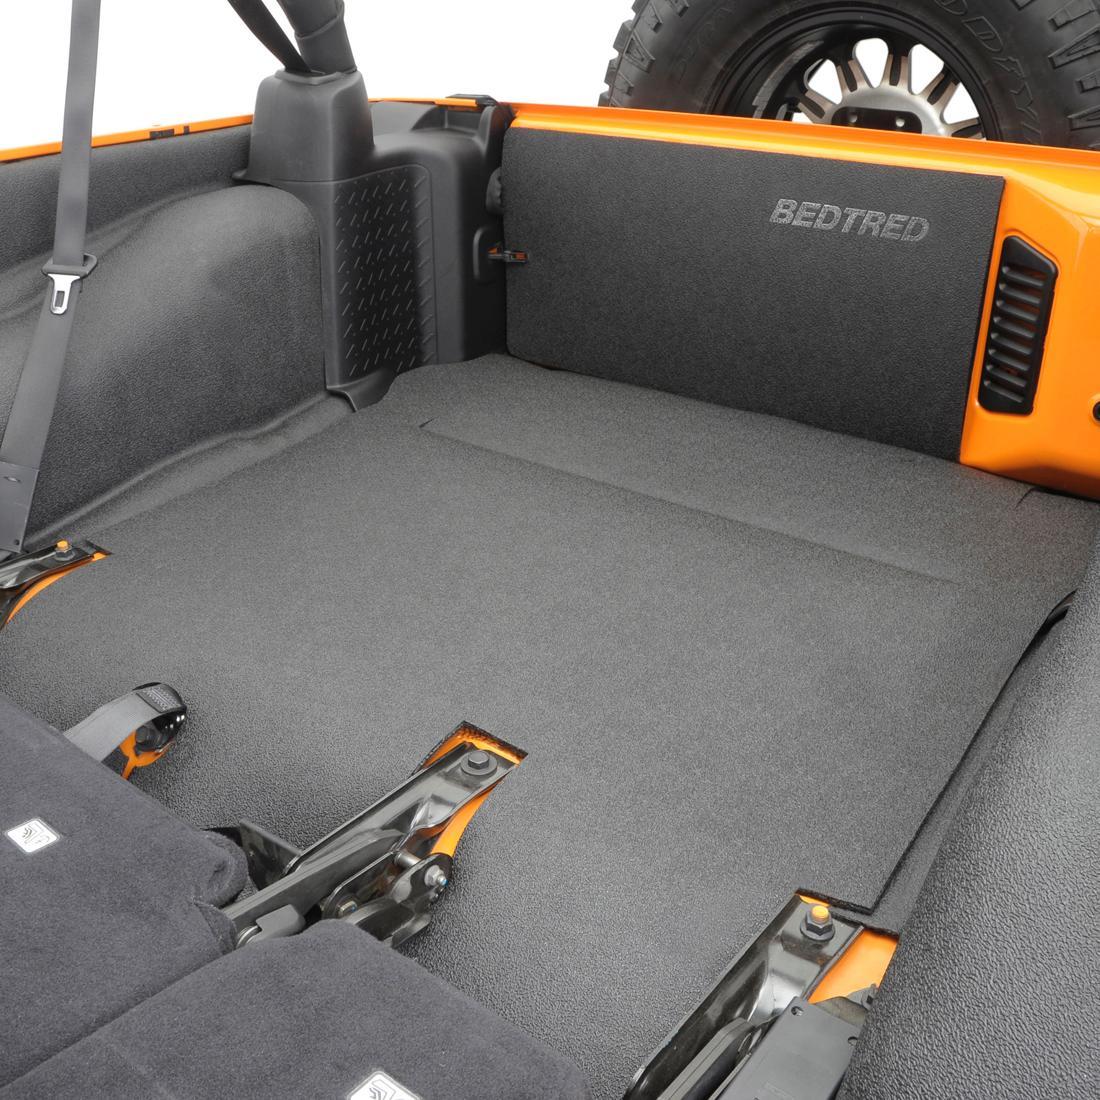 Amazon.com: Bedrug BTTJ97F BedTred Front Cargo Liner Kit